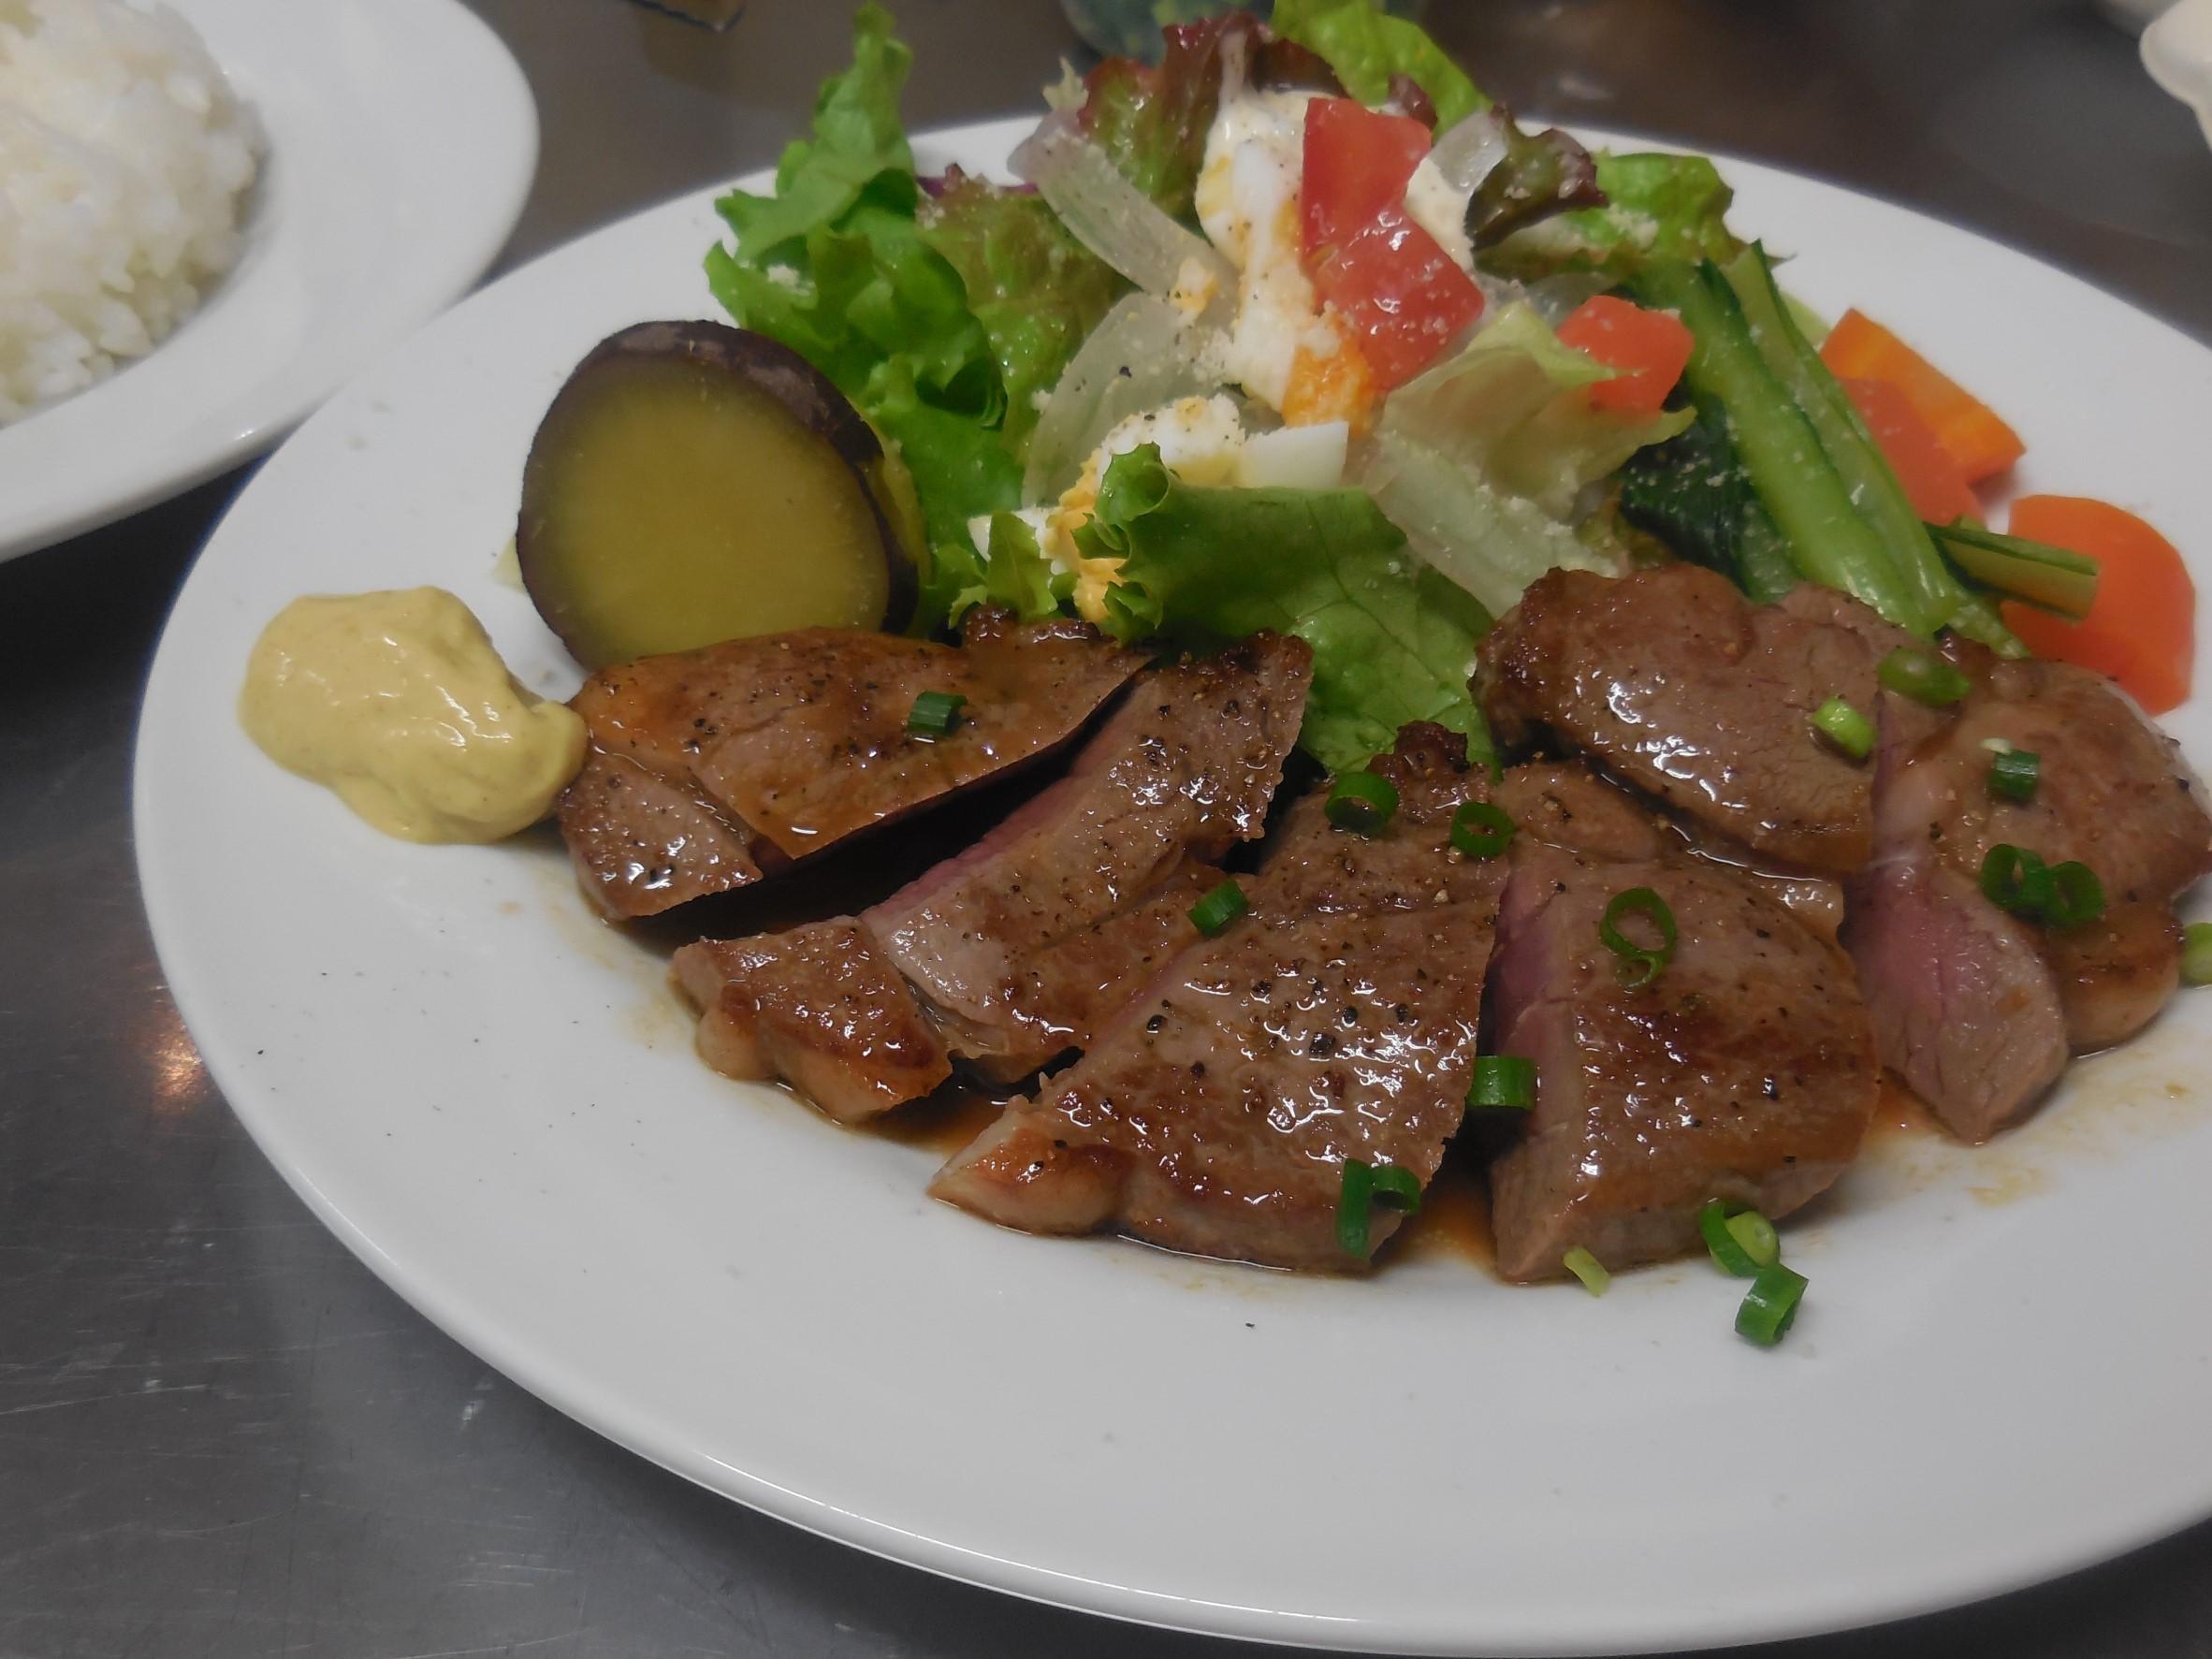 ラム肉のサイコロステーキ(スープ、パン又はライス付き)